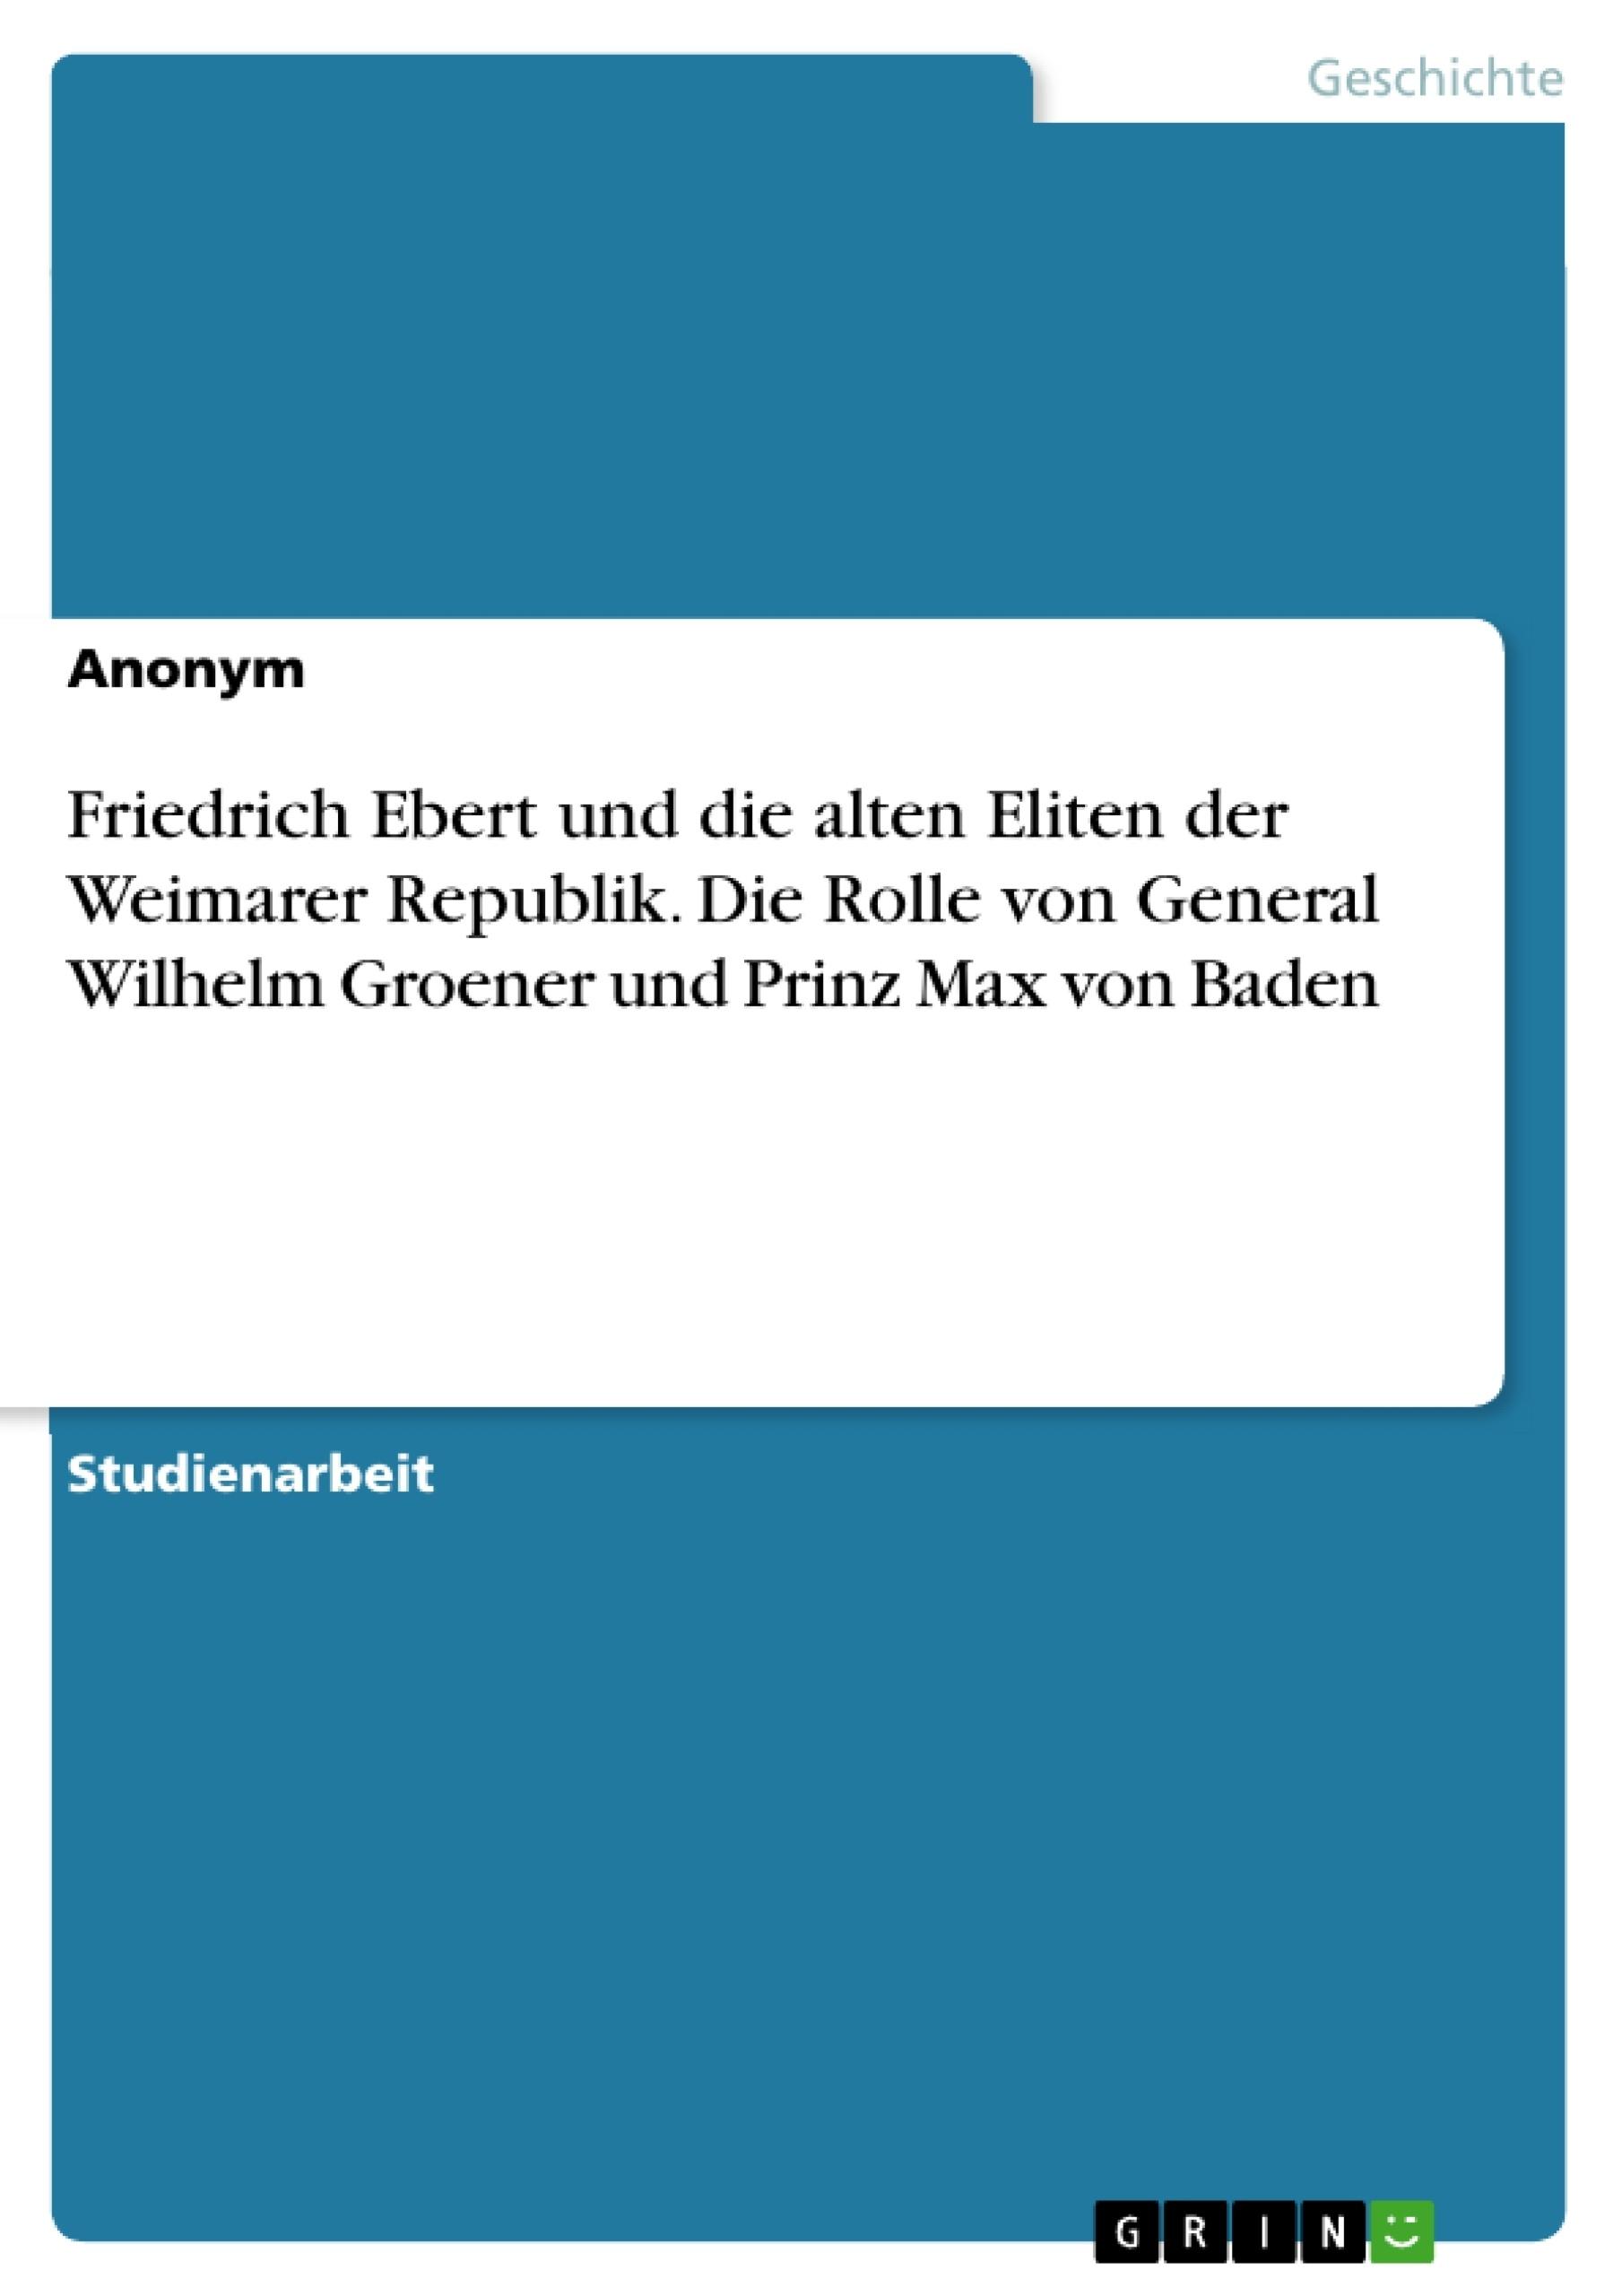 Titel: Friedrich Ebert und die alten Eliten der Weimarer Republik. Die Rolle von General Wilhelm Groener und Prinz Max von Baden